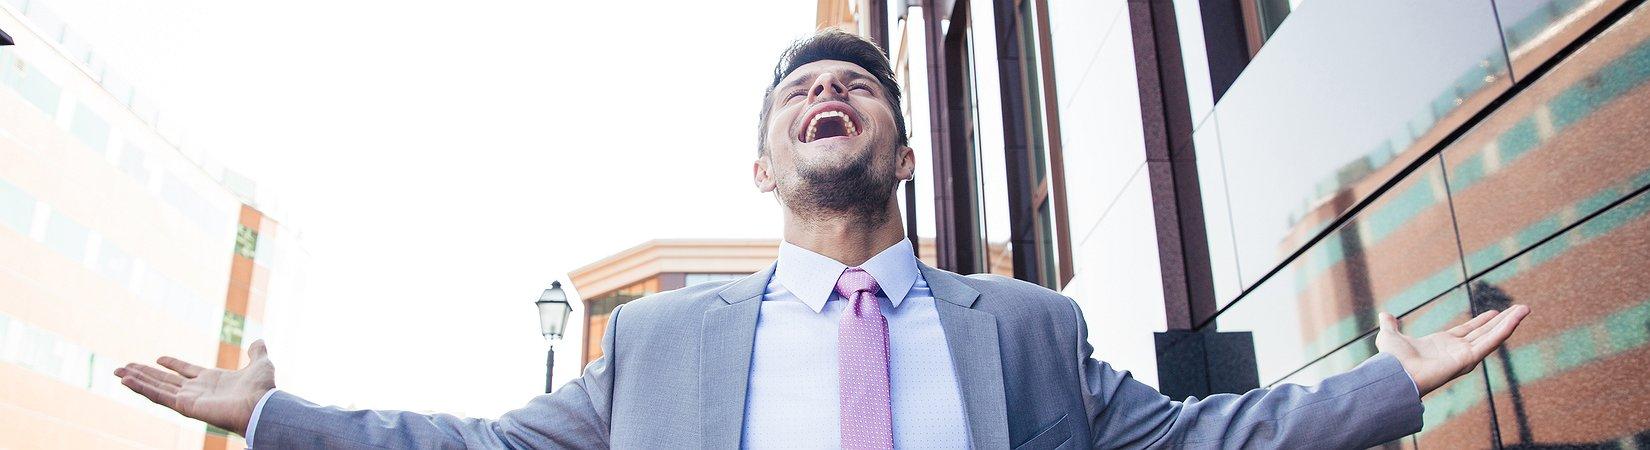 15 hábitos que te llevarán al éxito